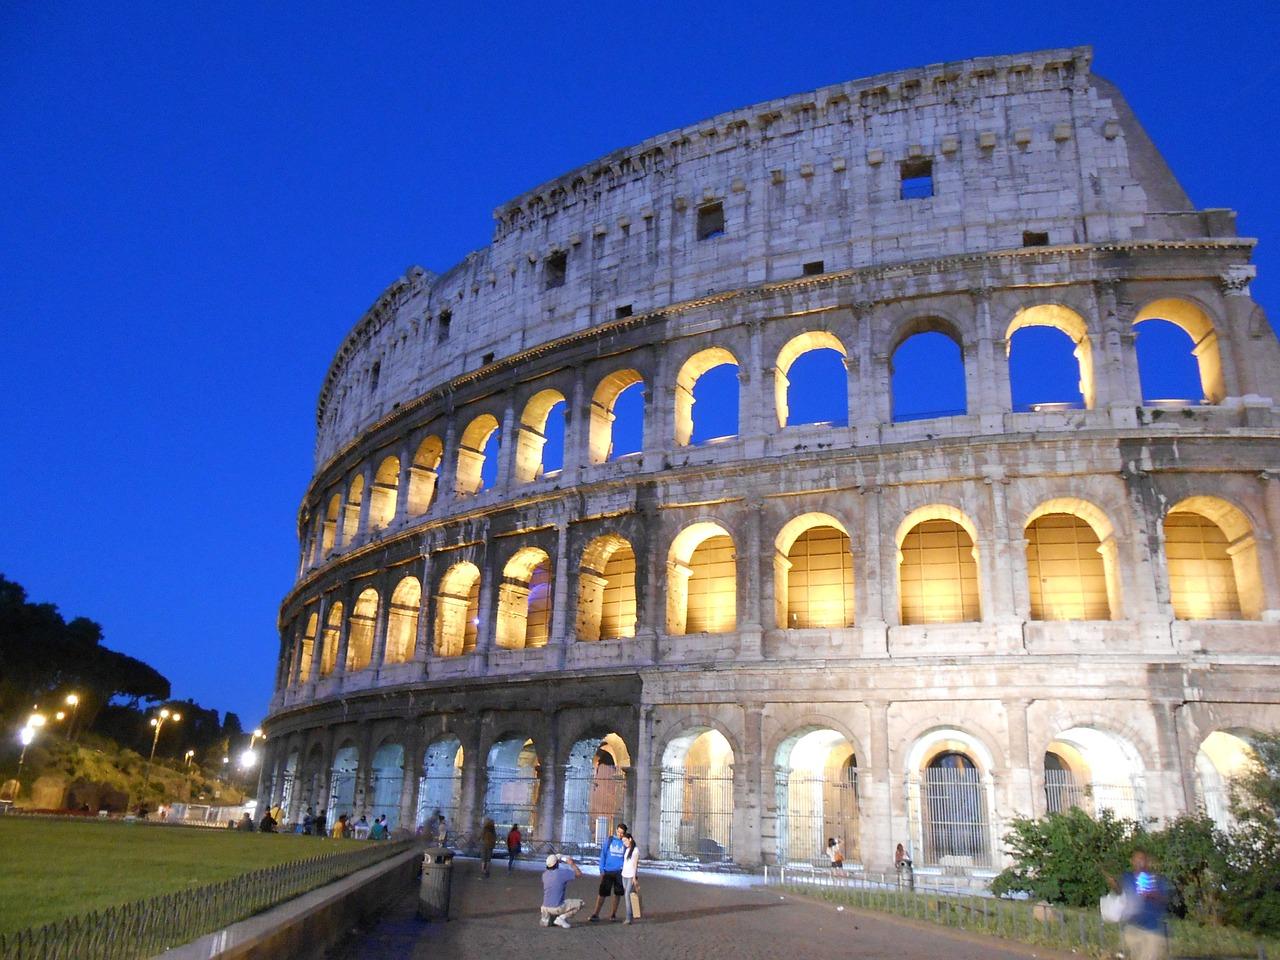 rome0colosseum-463222_1280